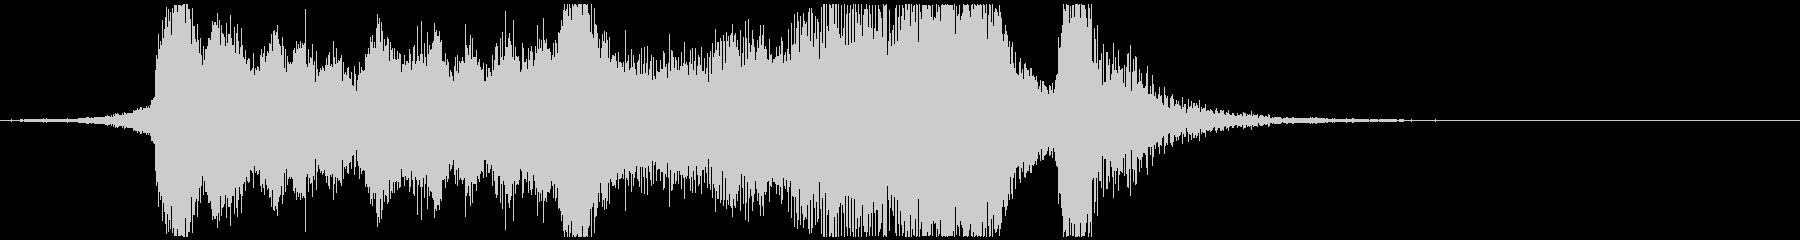 明るく元気なファンファーレの未再生の波形